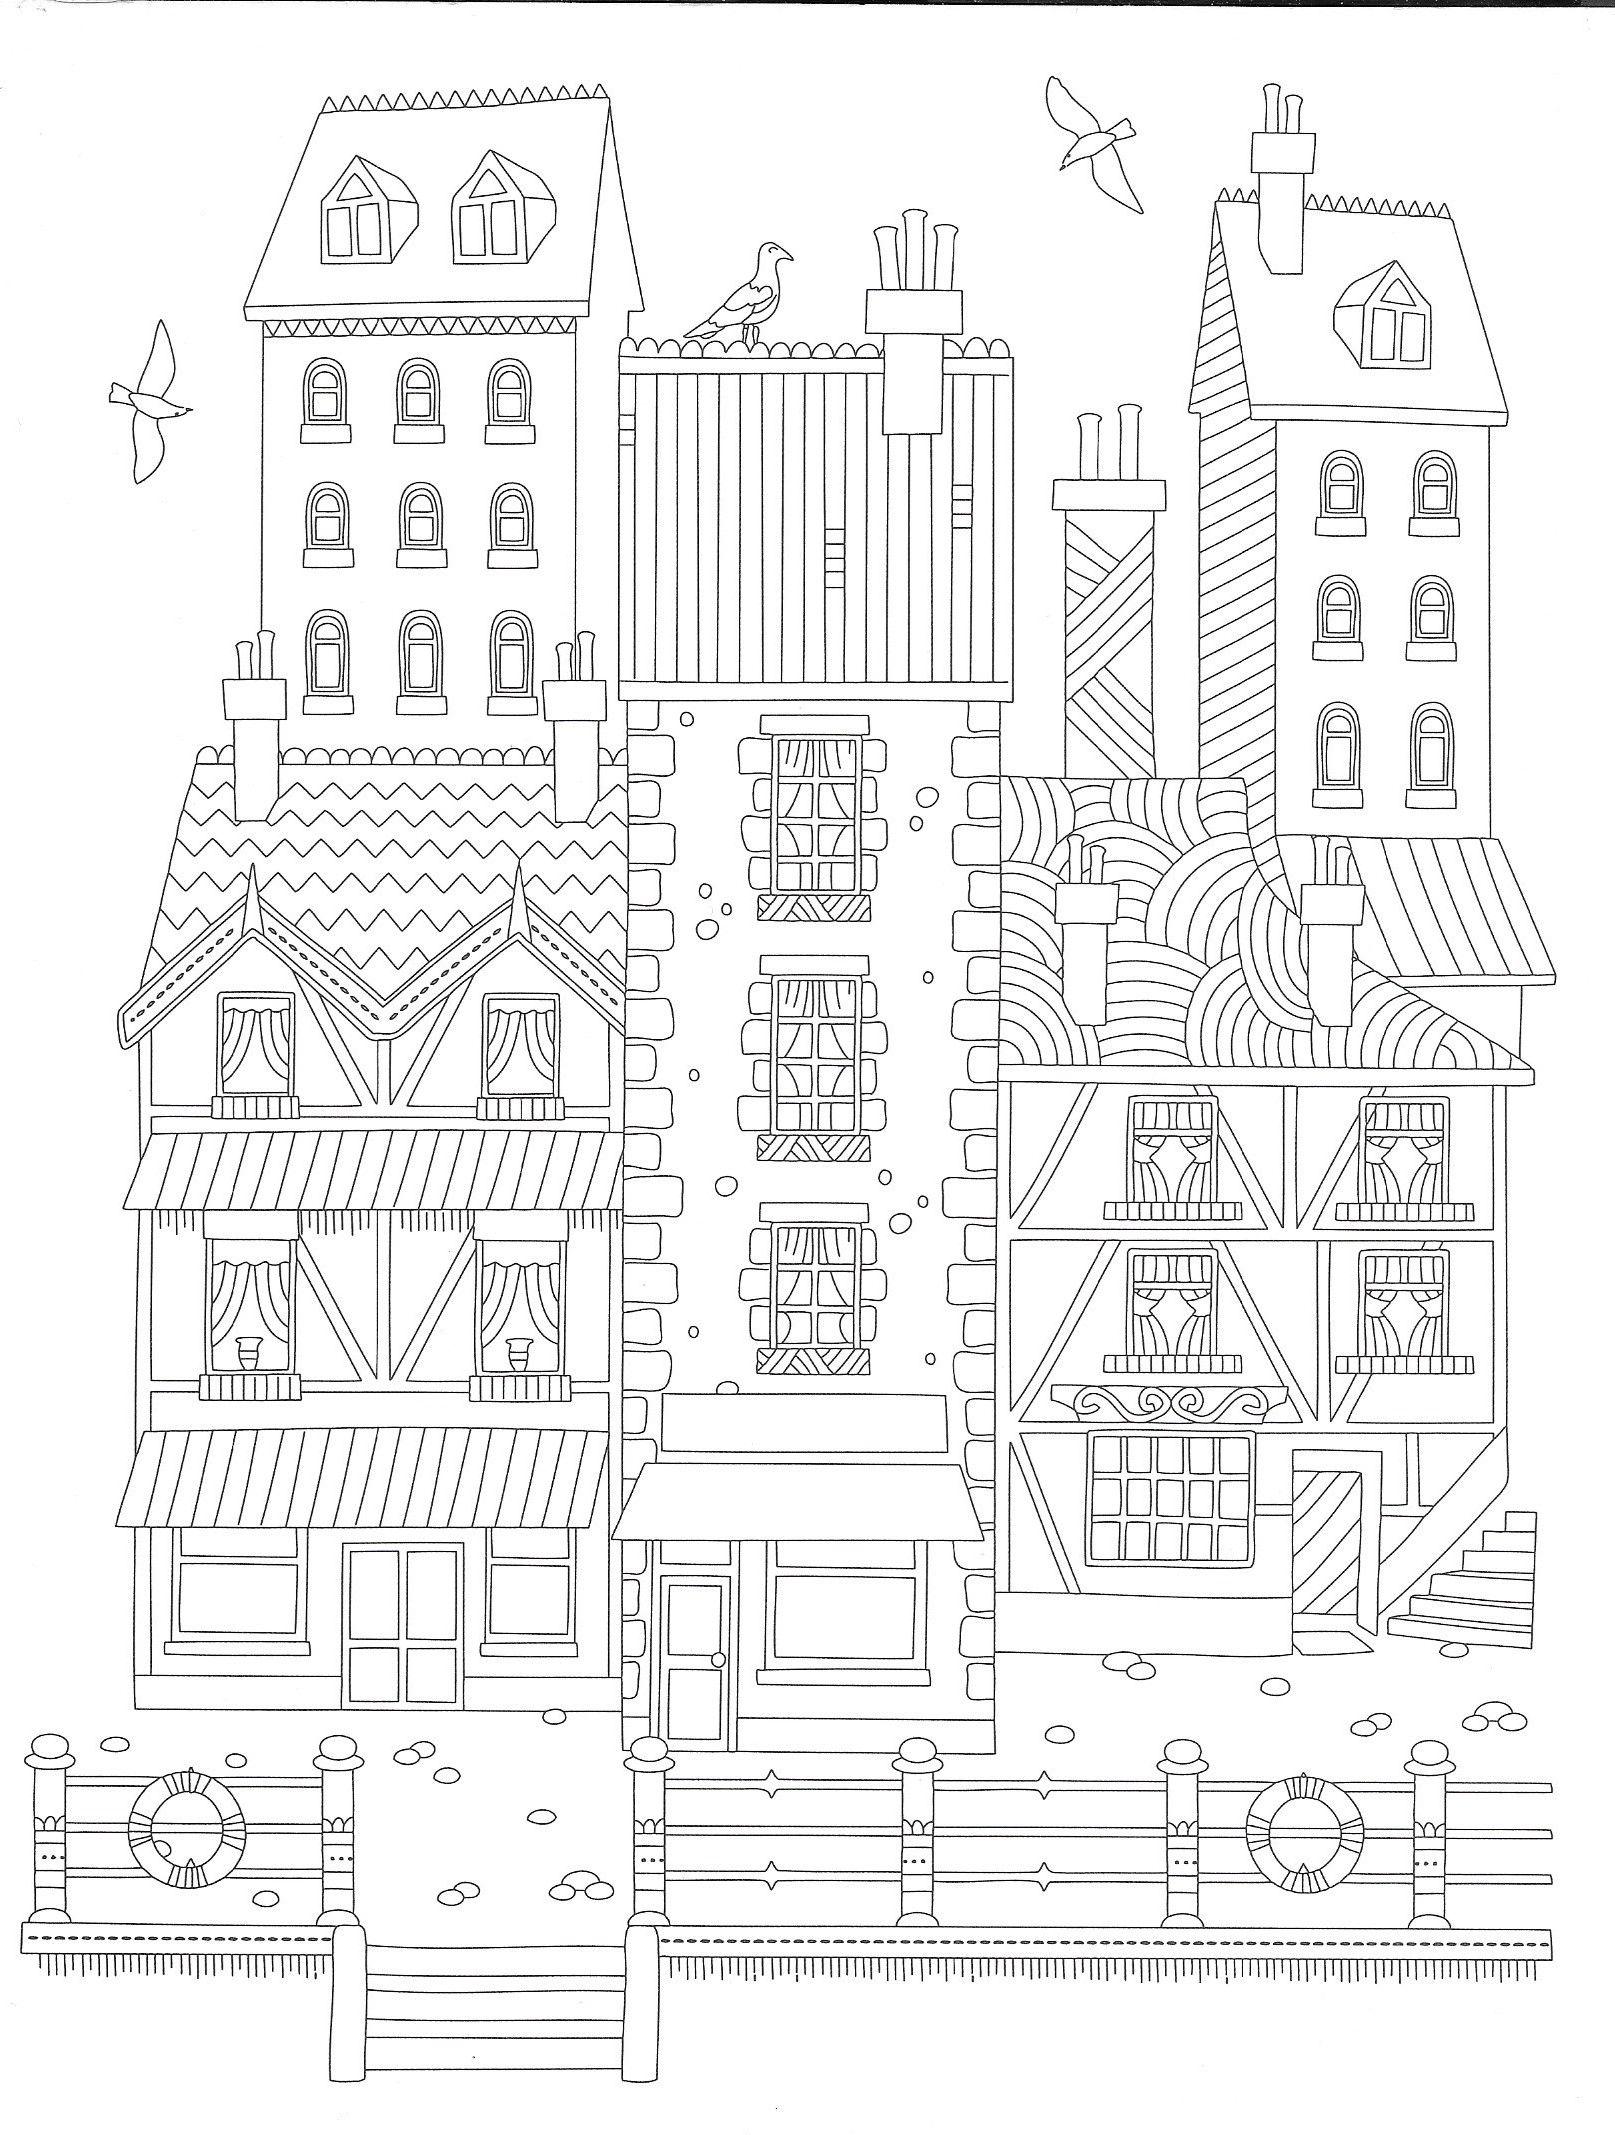 Pin Von Barbara Brantley Auf Coloring Pages Pinterest Zeichnen